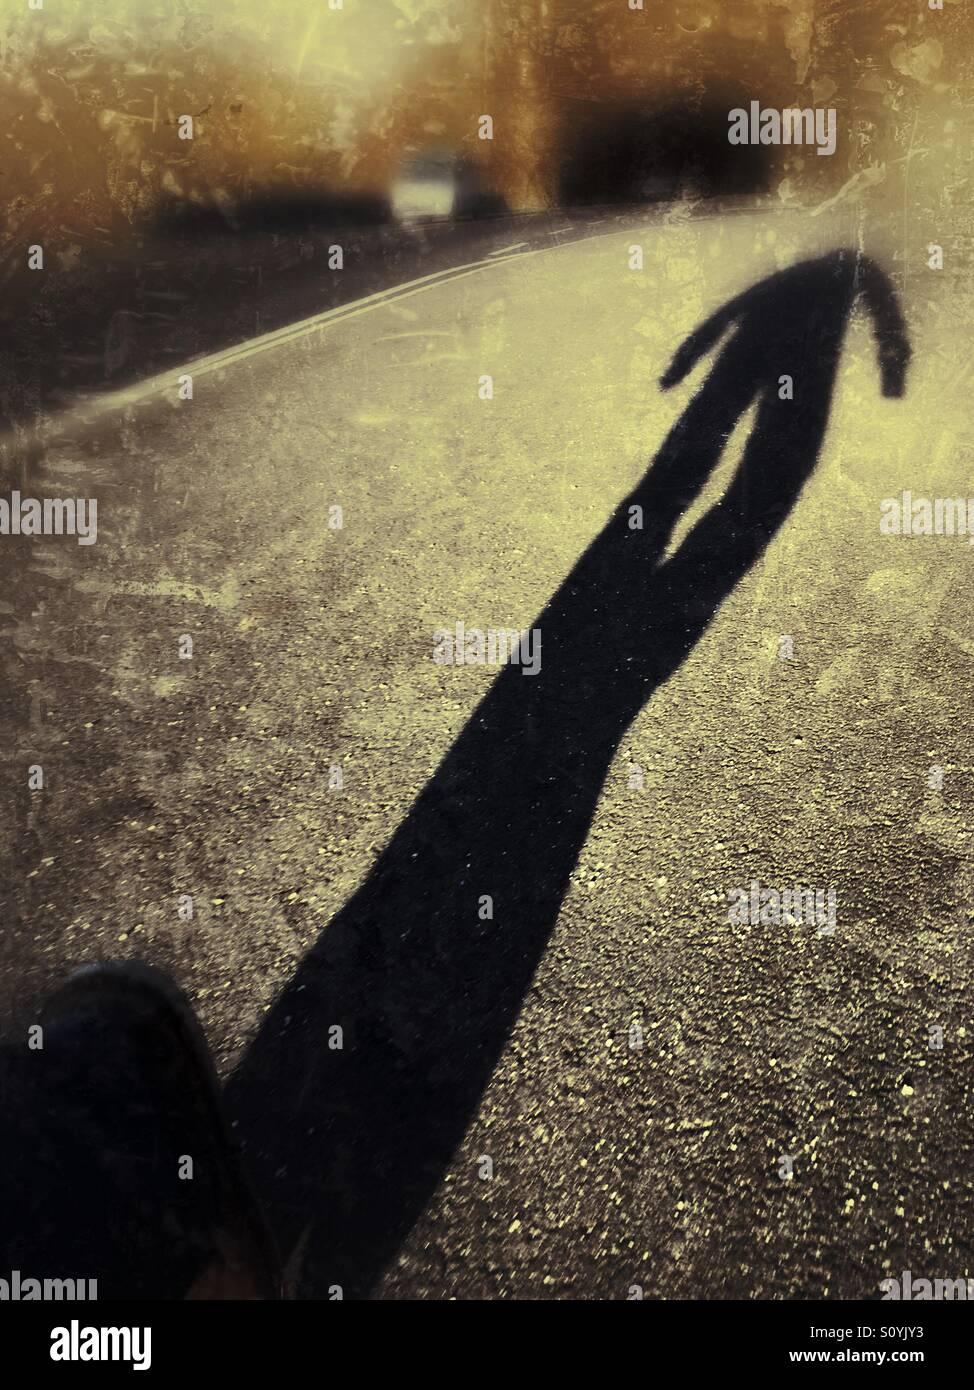 L'ombre d'un homme marchant sur une route. Photo Stock